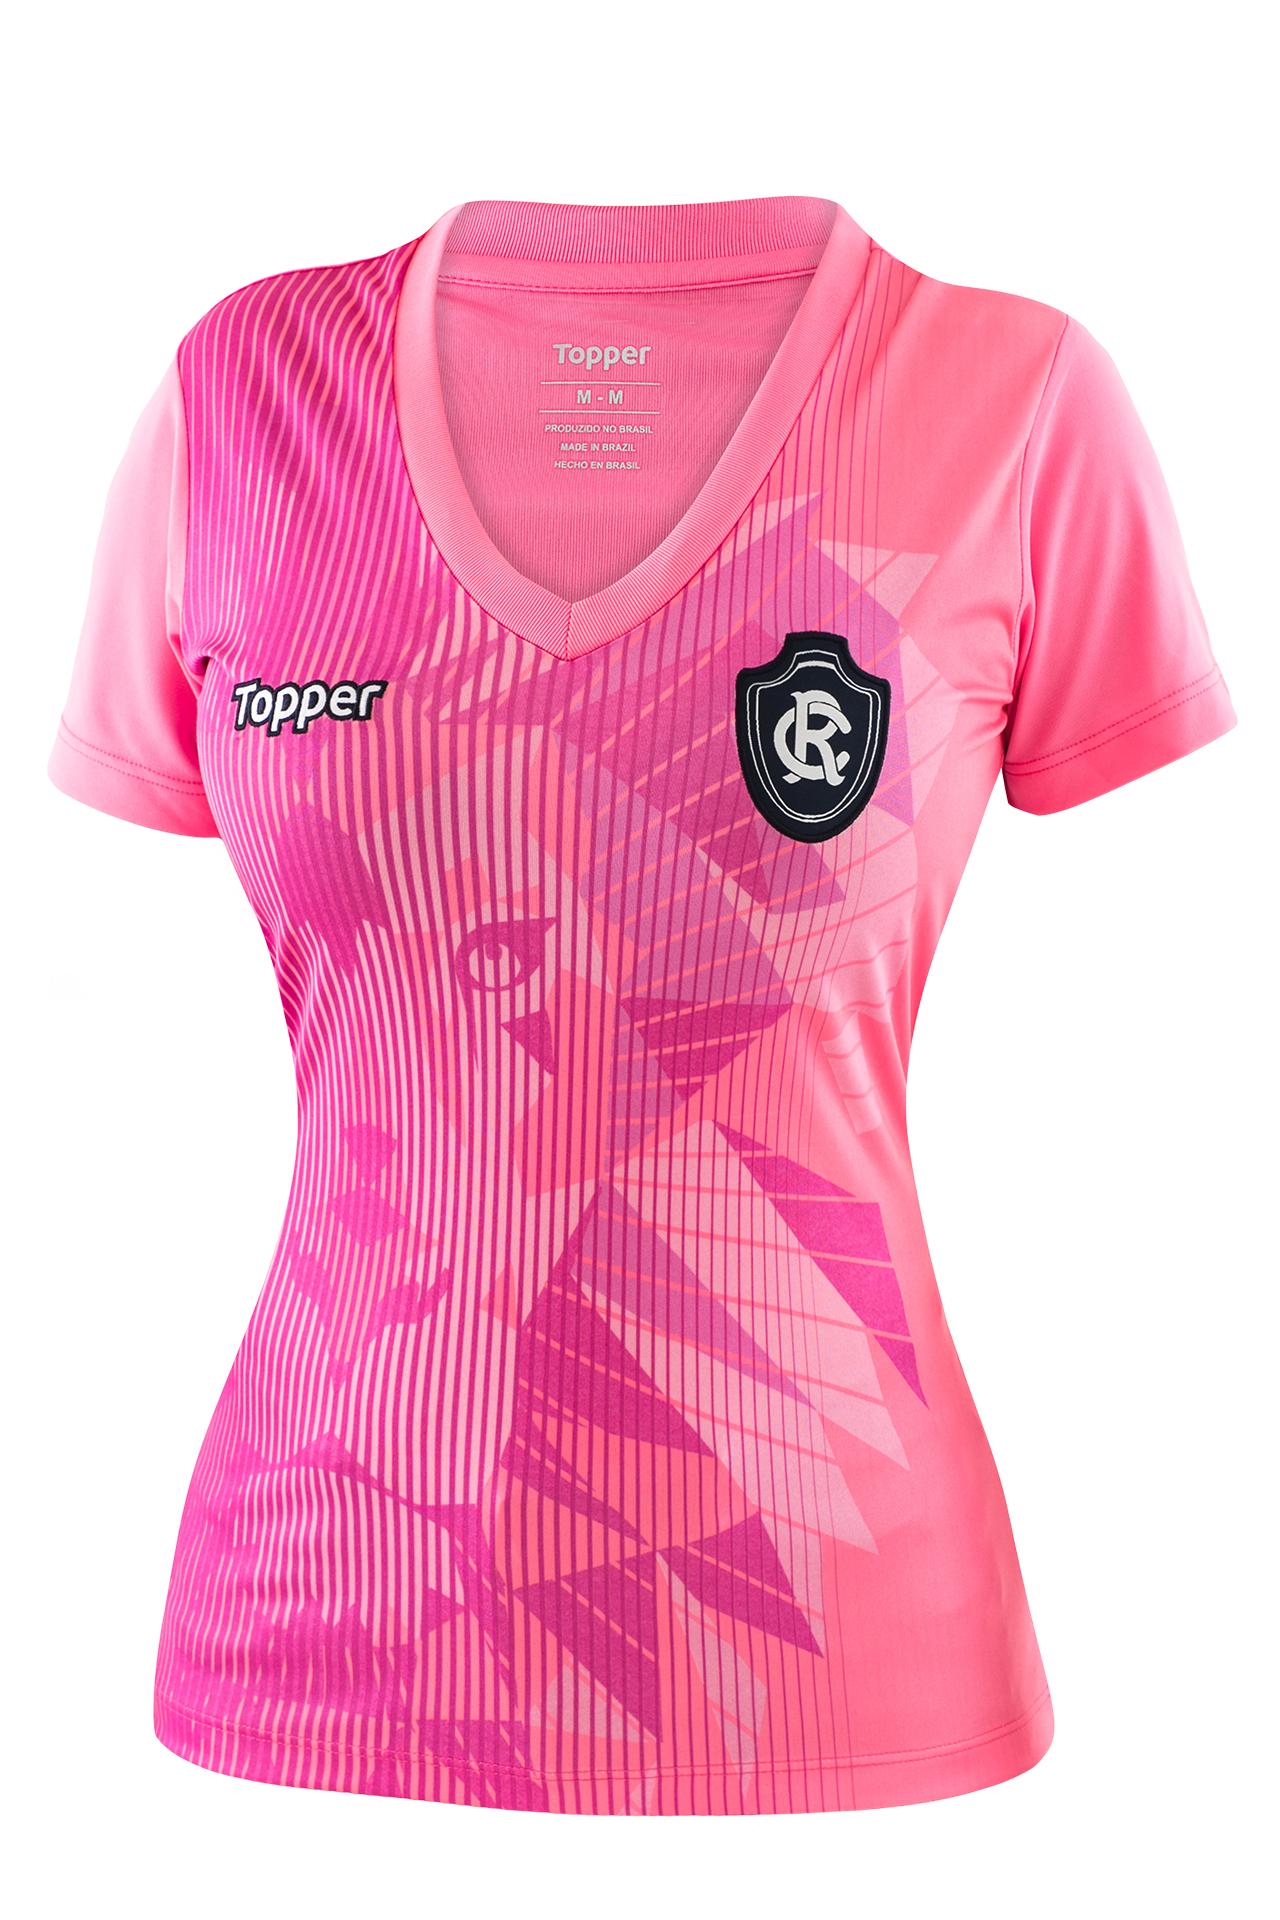 b3a8d34b98b93 Fornecedora lança camisas alusivas ao Outubro Rosa para 11 clubes ...